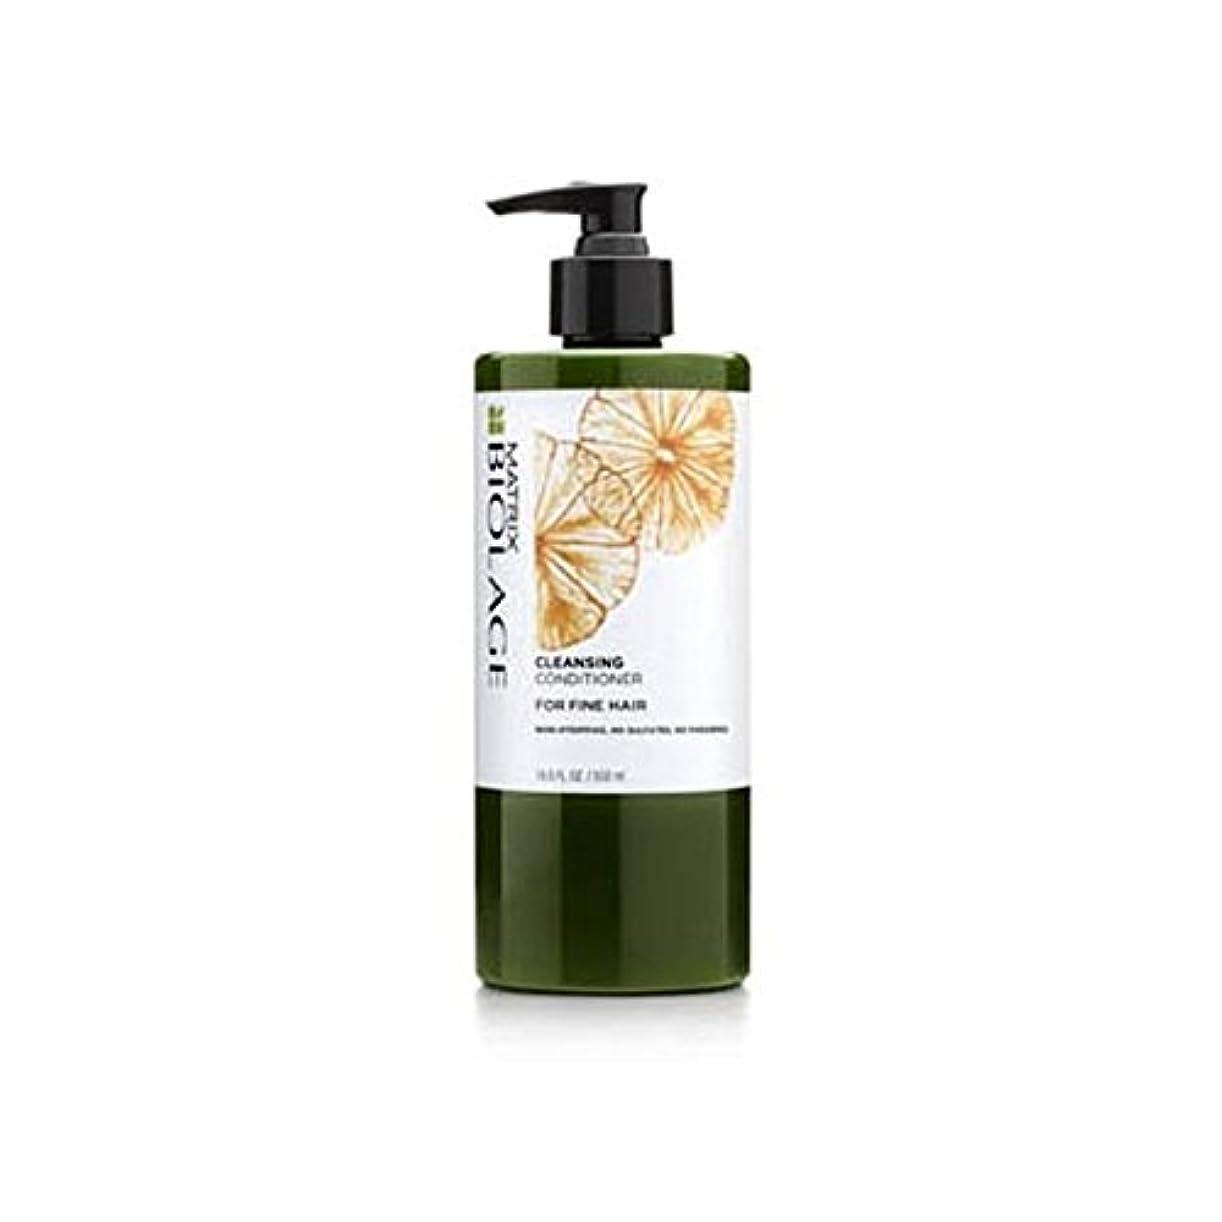 知覚的熱意豆マトリックスバイオレイジクレンジングコンディショナー - 細い髪(500ミリリットル) x2 - Matrix Biolage Cleansing Conditioner - Fine Hair (500ml) (Pack...